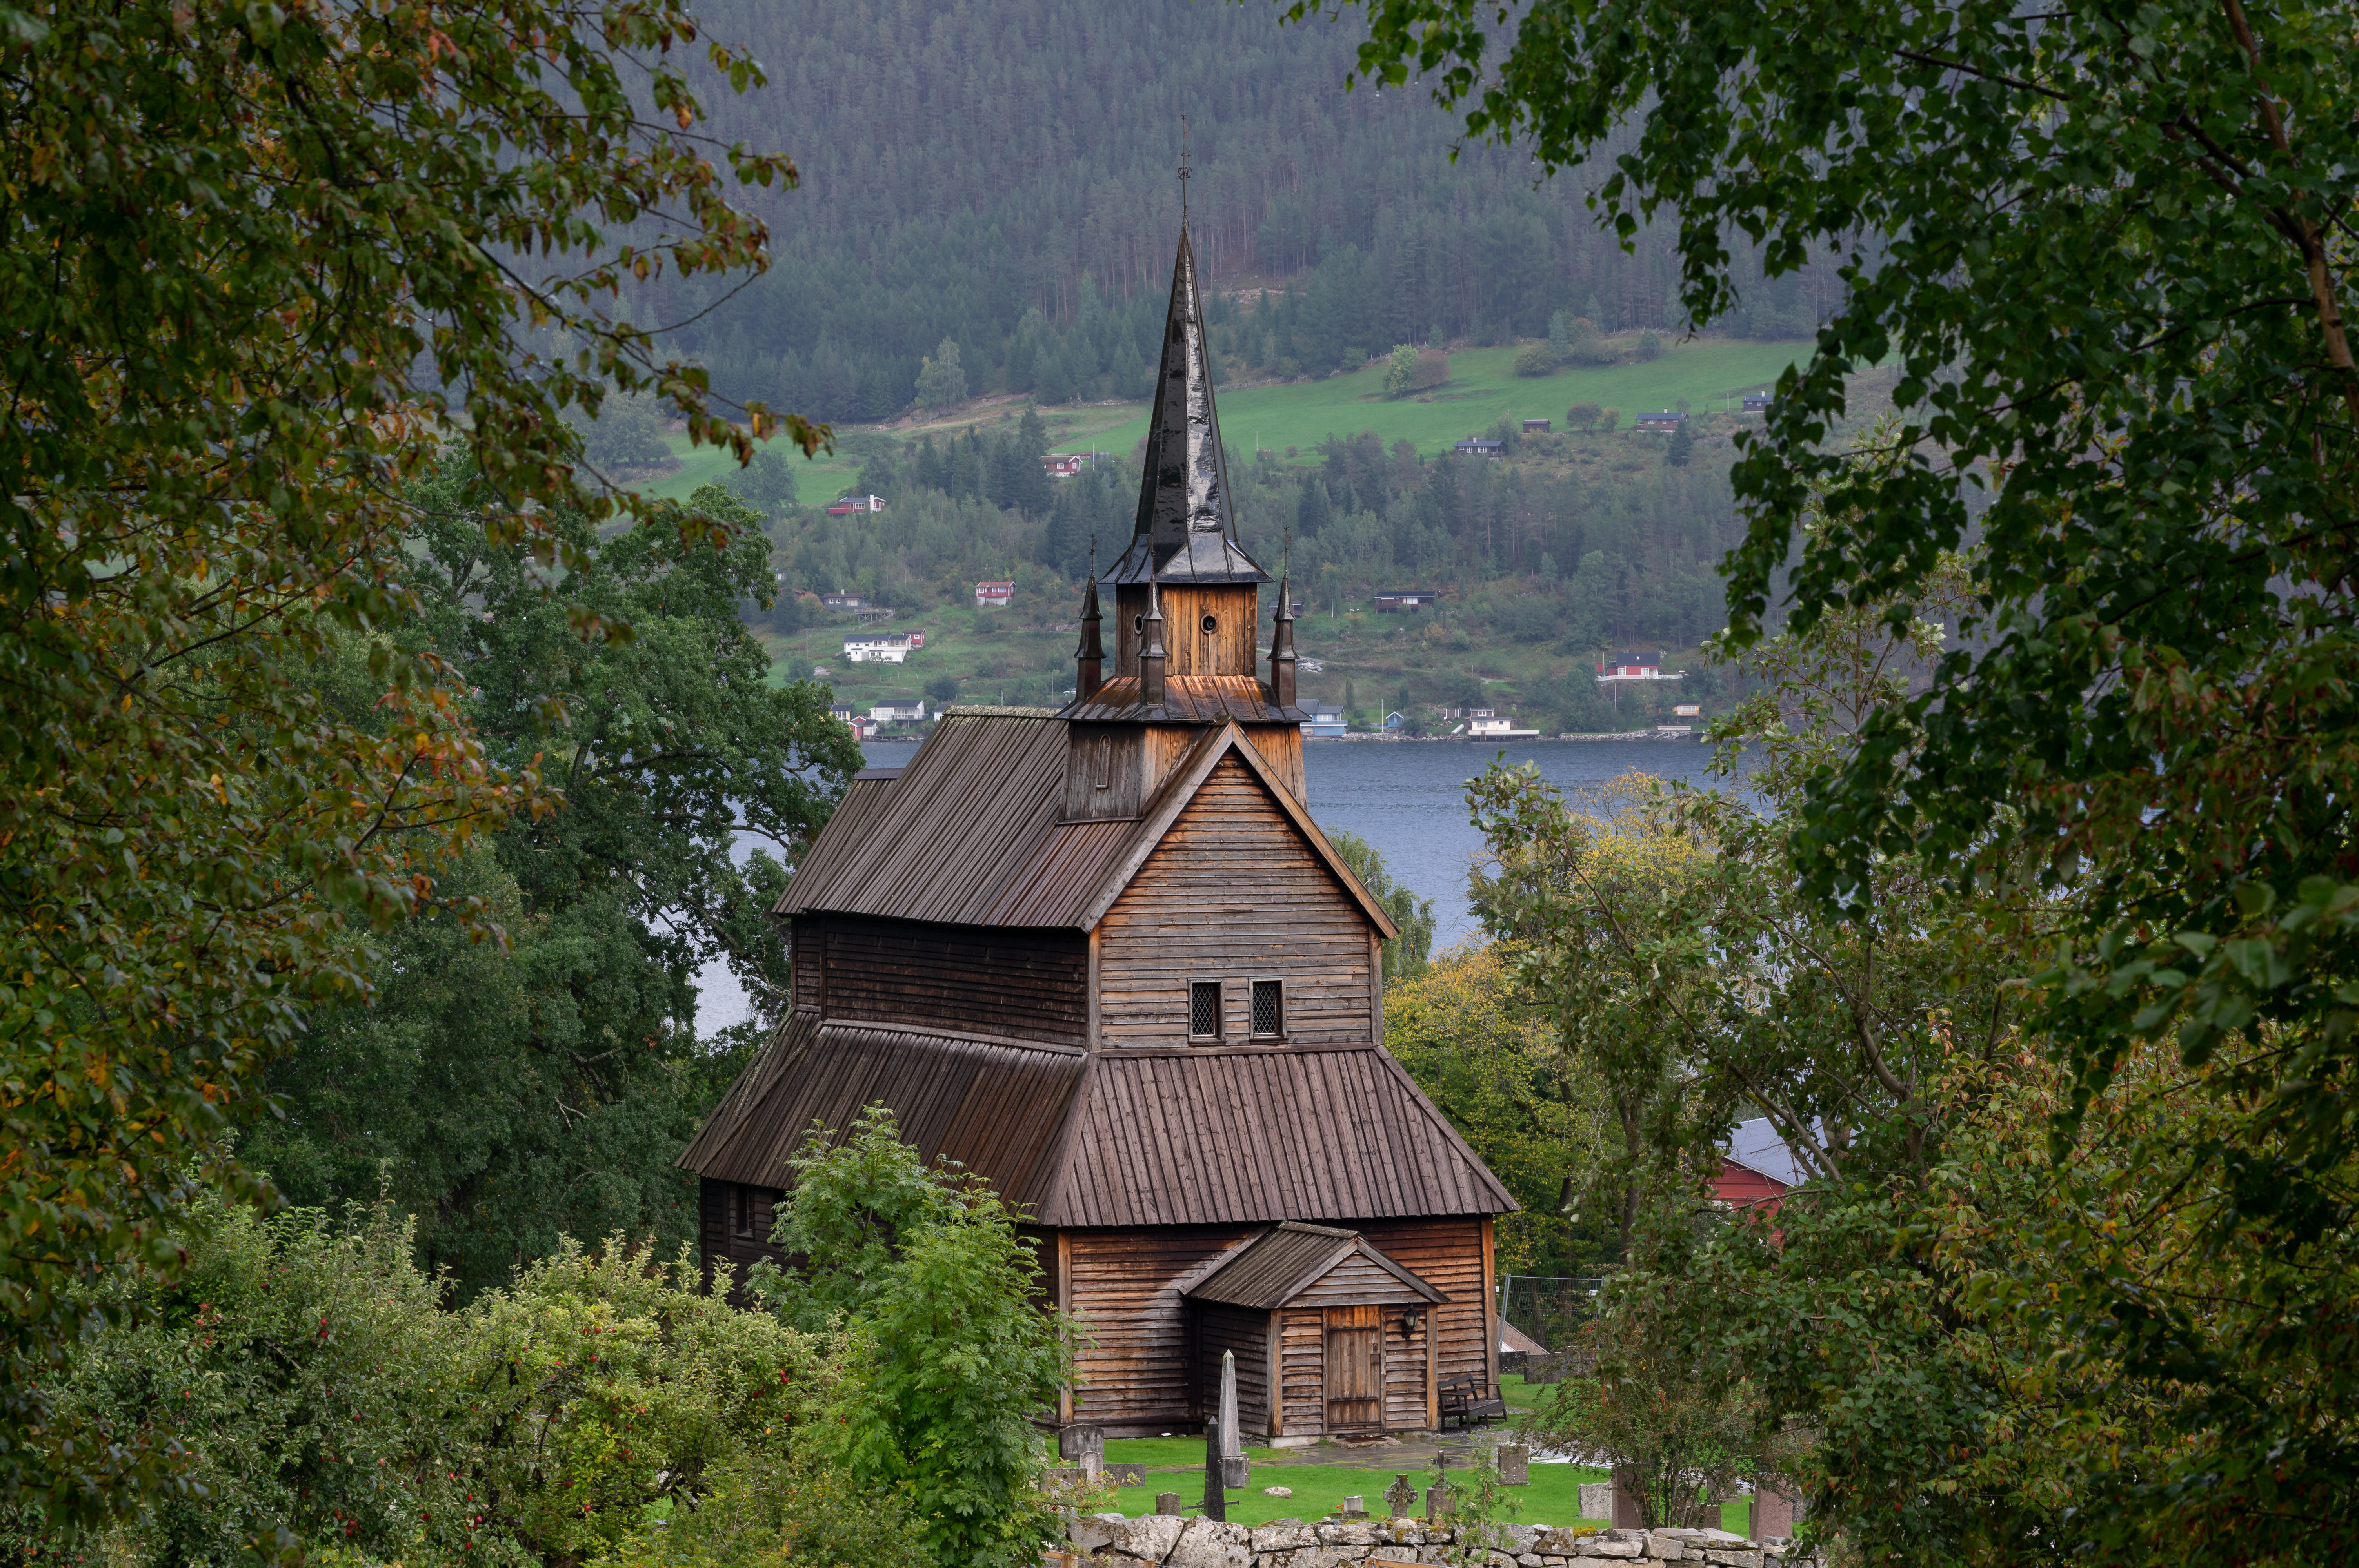 【北歐景點】深入挪威 – 精選推薦世界遺產松恩峽灣最美的7個小鎮!